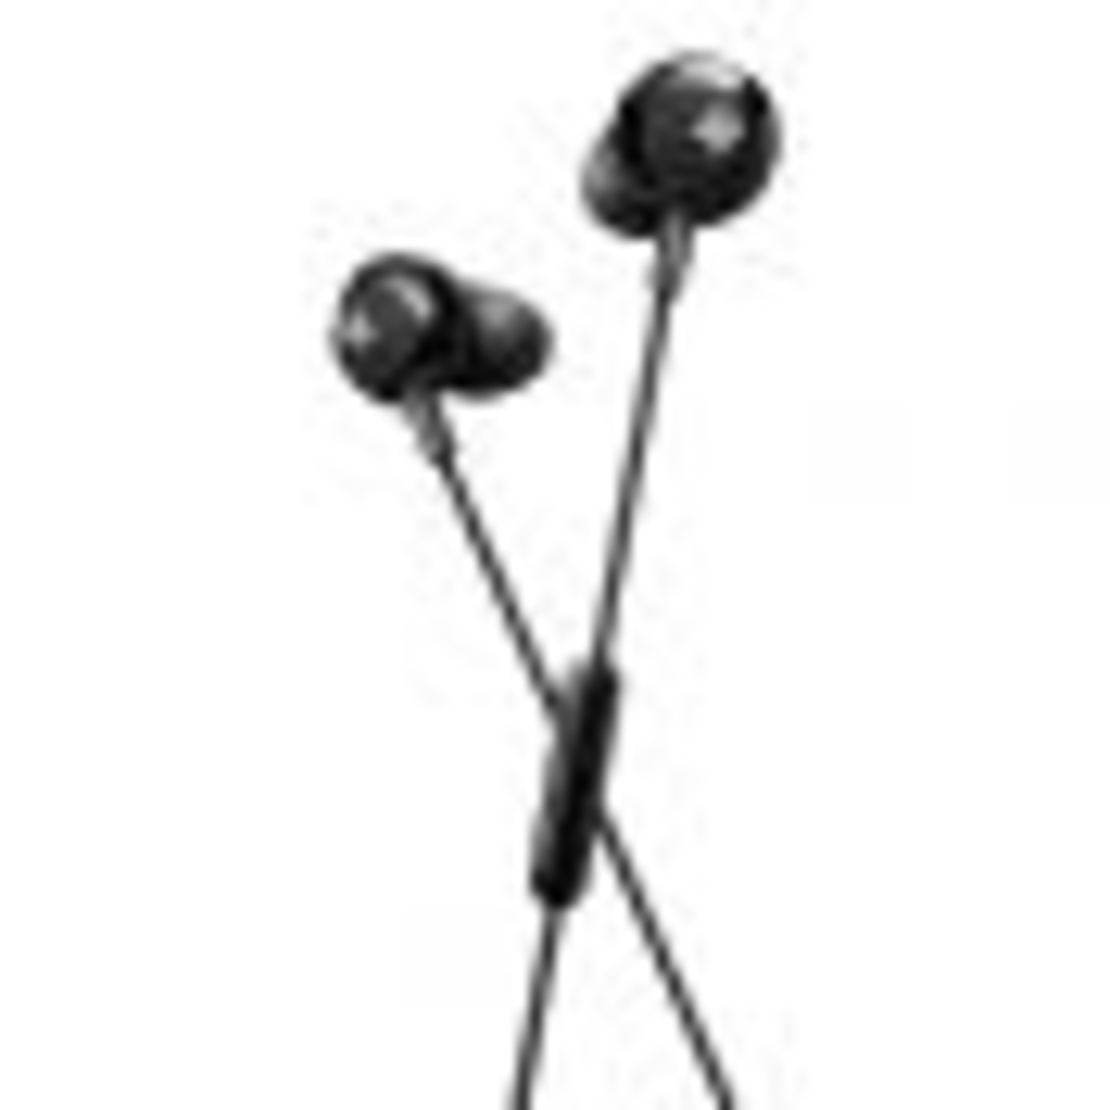 אוזניות כפתור +Philips SHE4305BK BASS שחור